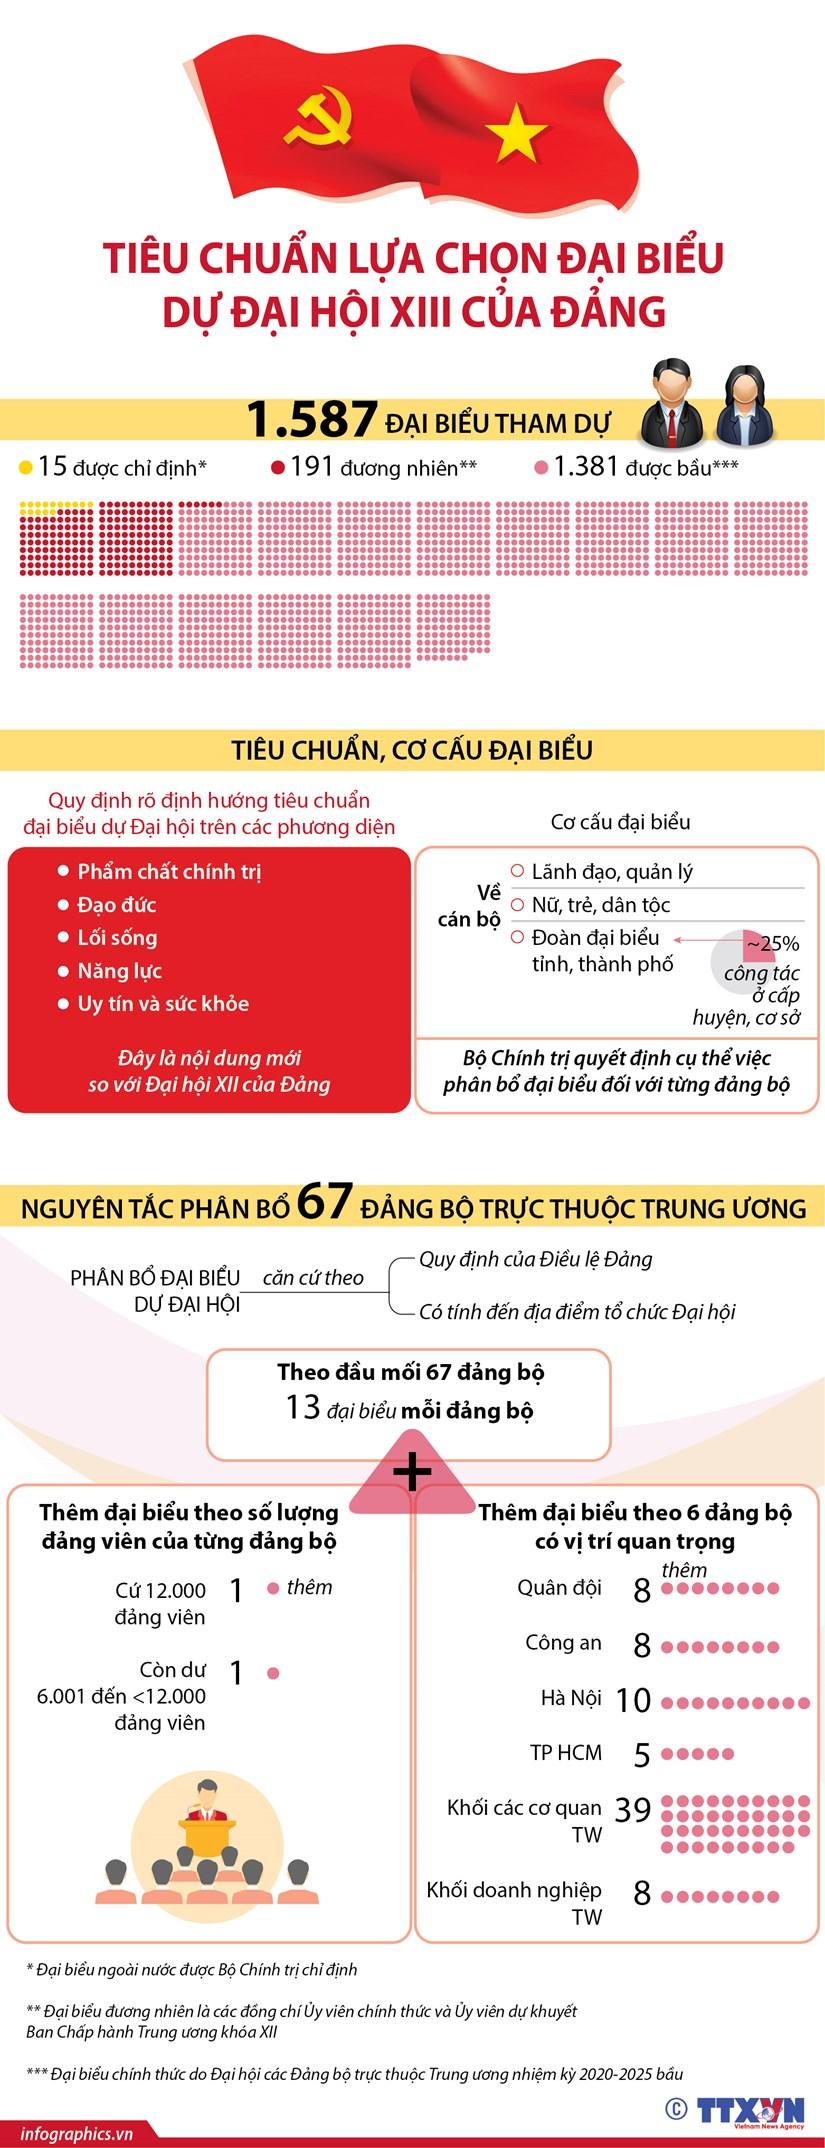 [Infographics] Tieu chuan lua chon dai bieu du Dai hoi XIII cua Dang hinh anh 1